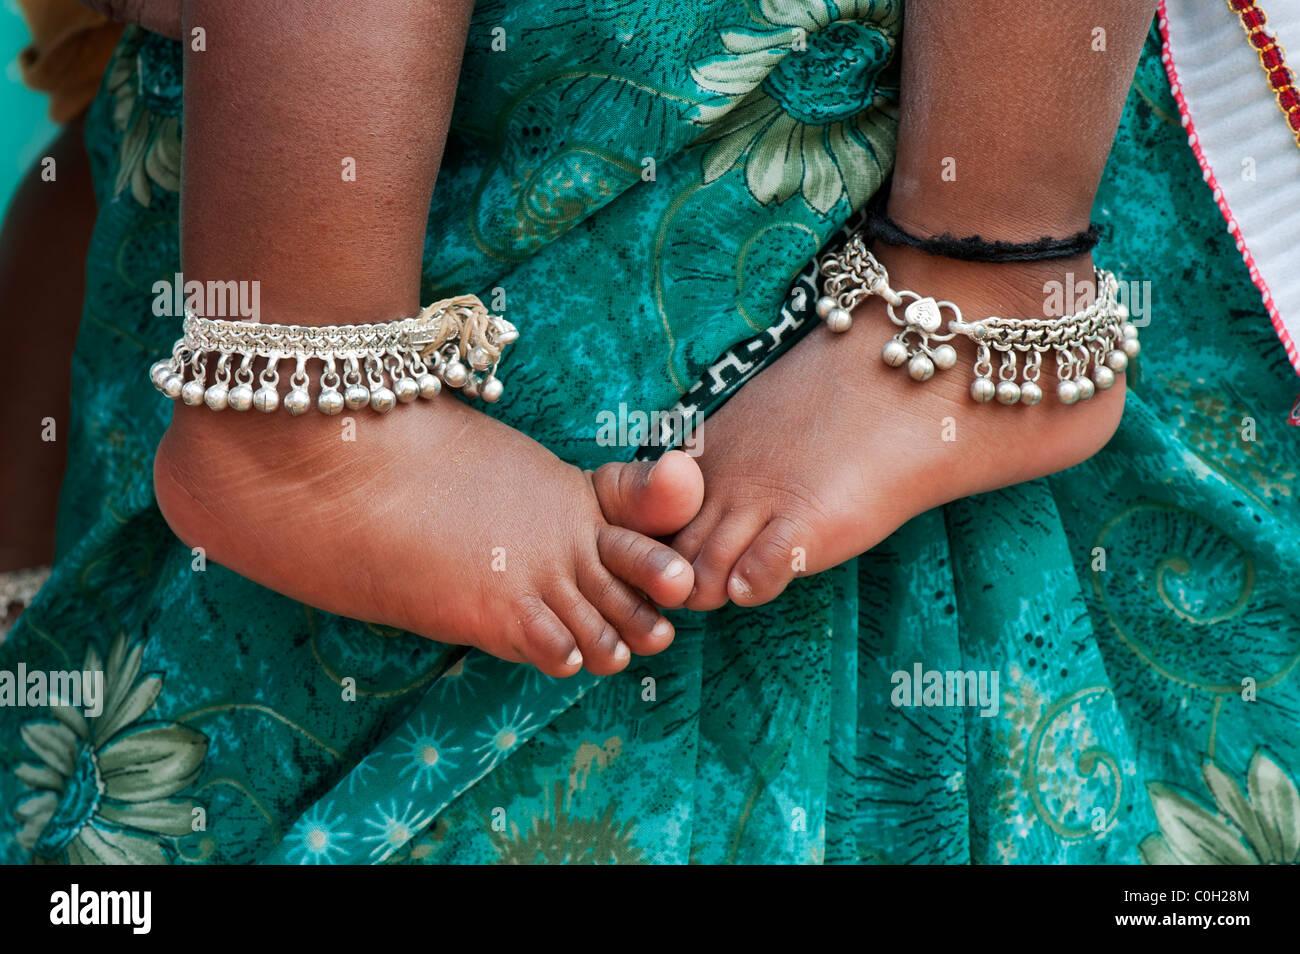 Los bebés indios pies descalzos contra las madres verde sari floral de Andhra Pradesh, en la India. Imagen De Stock